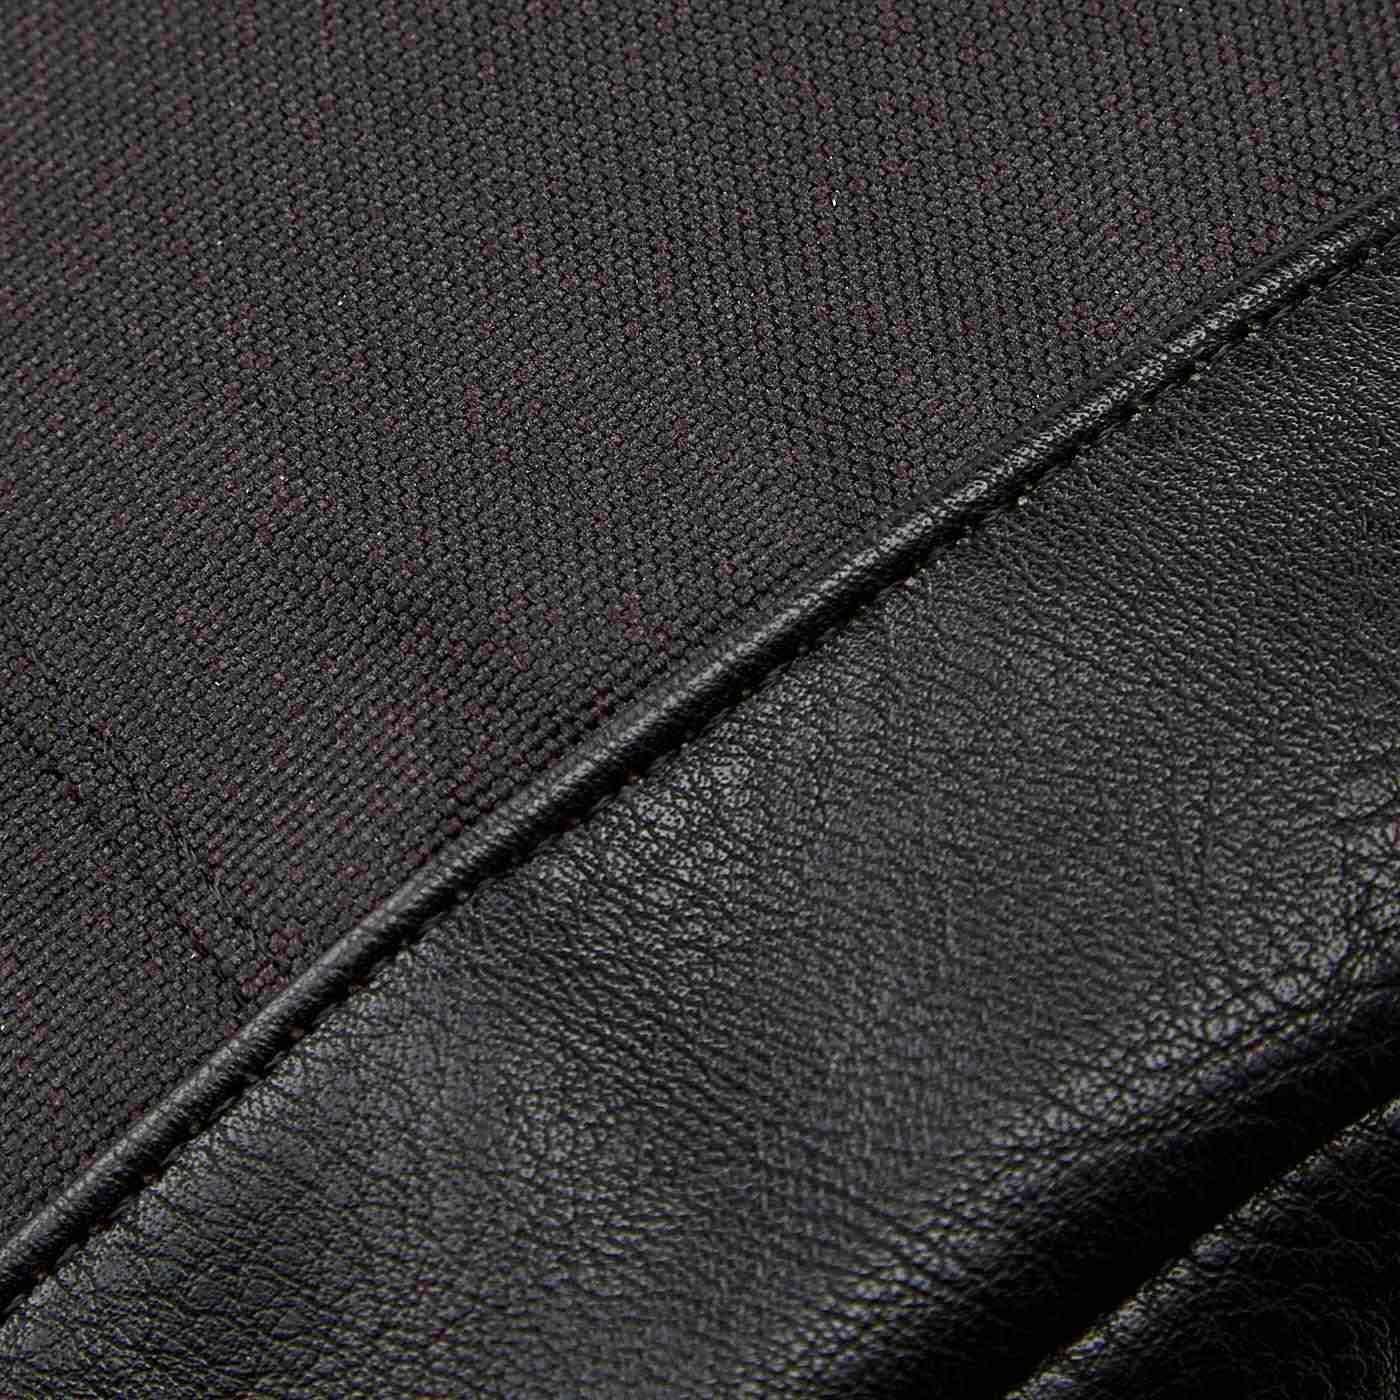 黒の合成皮革はシボのある素材感です。